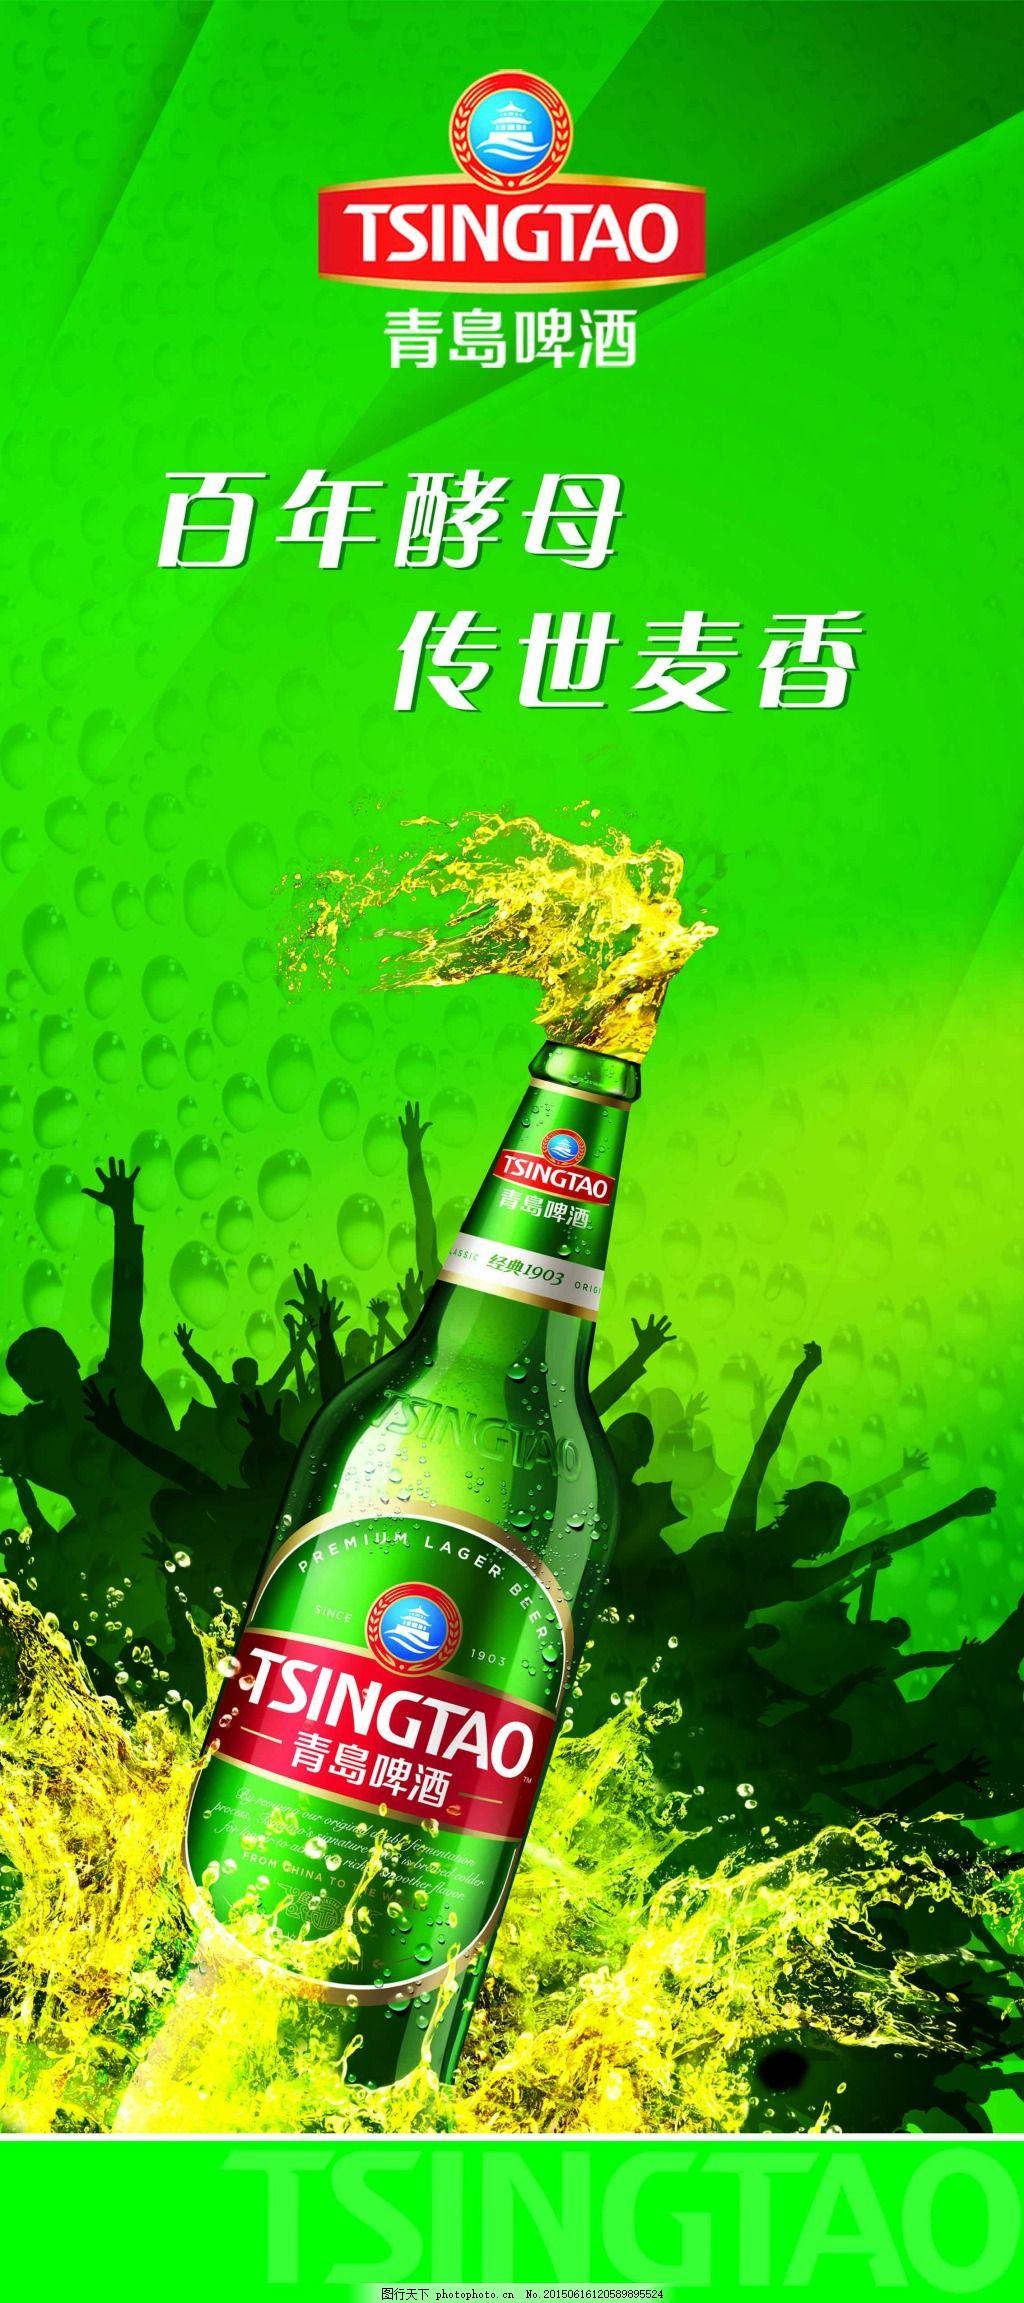 青岛啤酒展架 青岛啤酒标志 啤酒瓶 喷溅啤酒 欢快人群 啤酒水滴